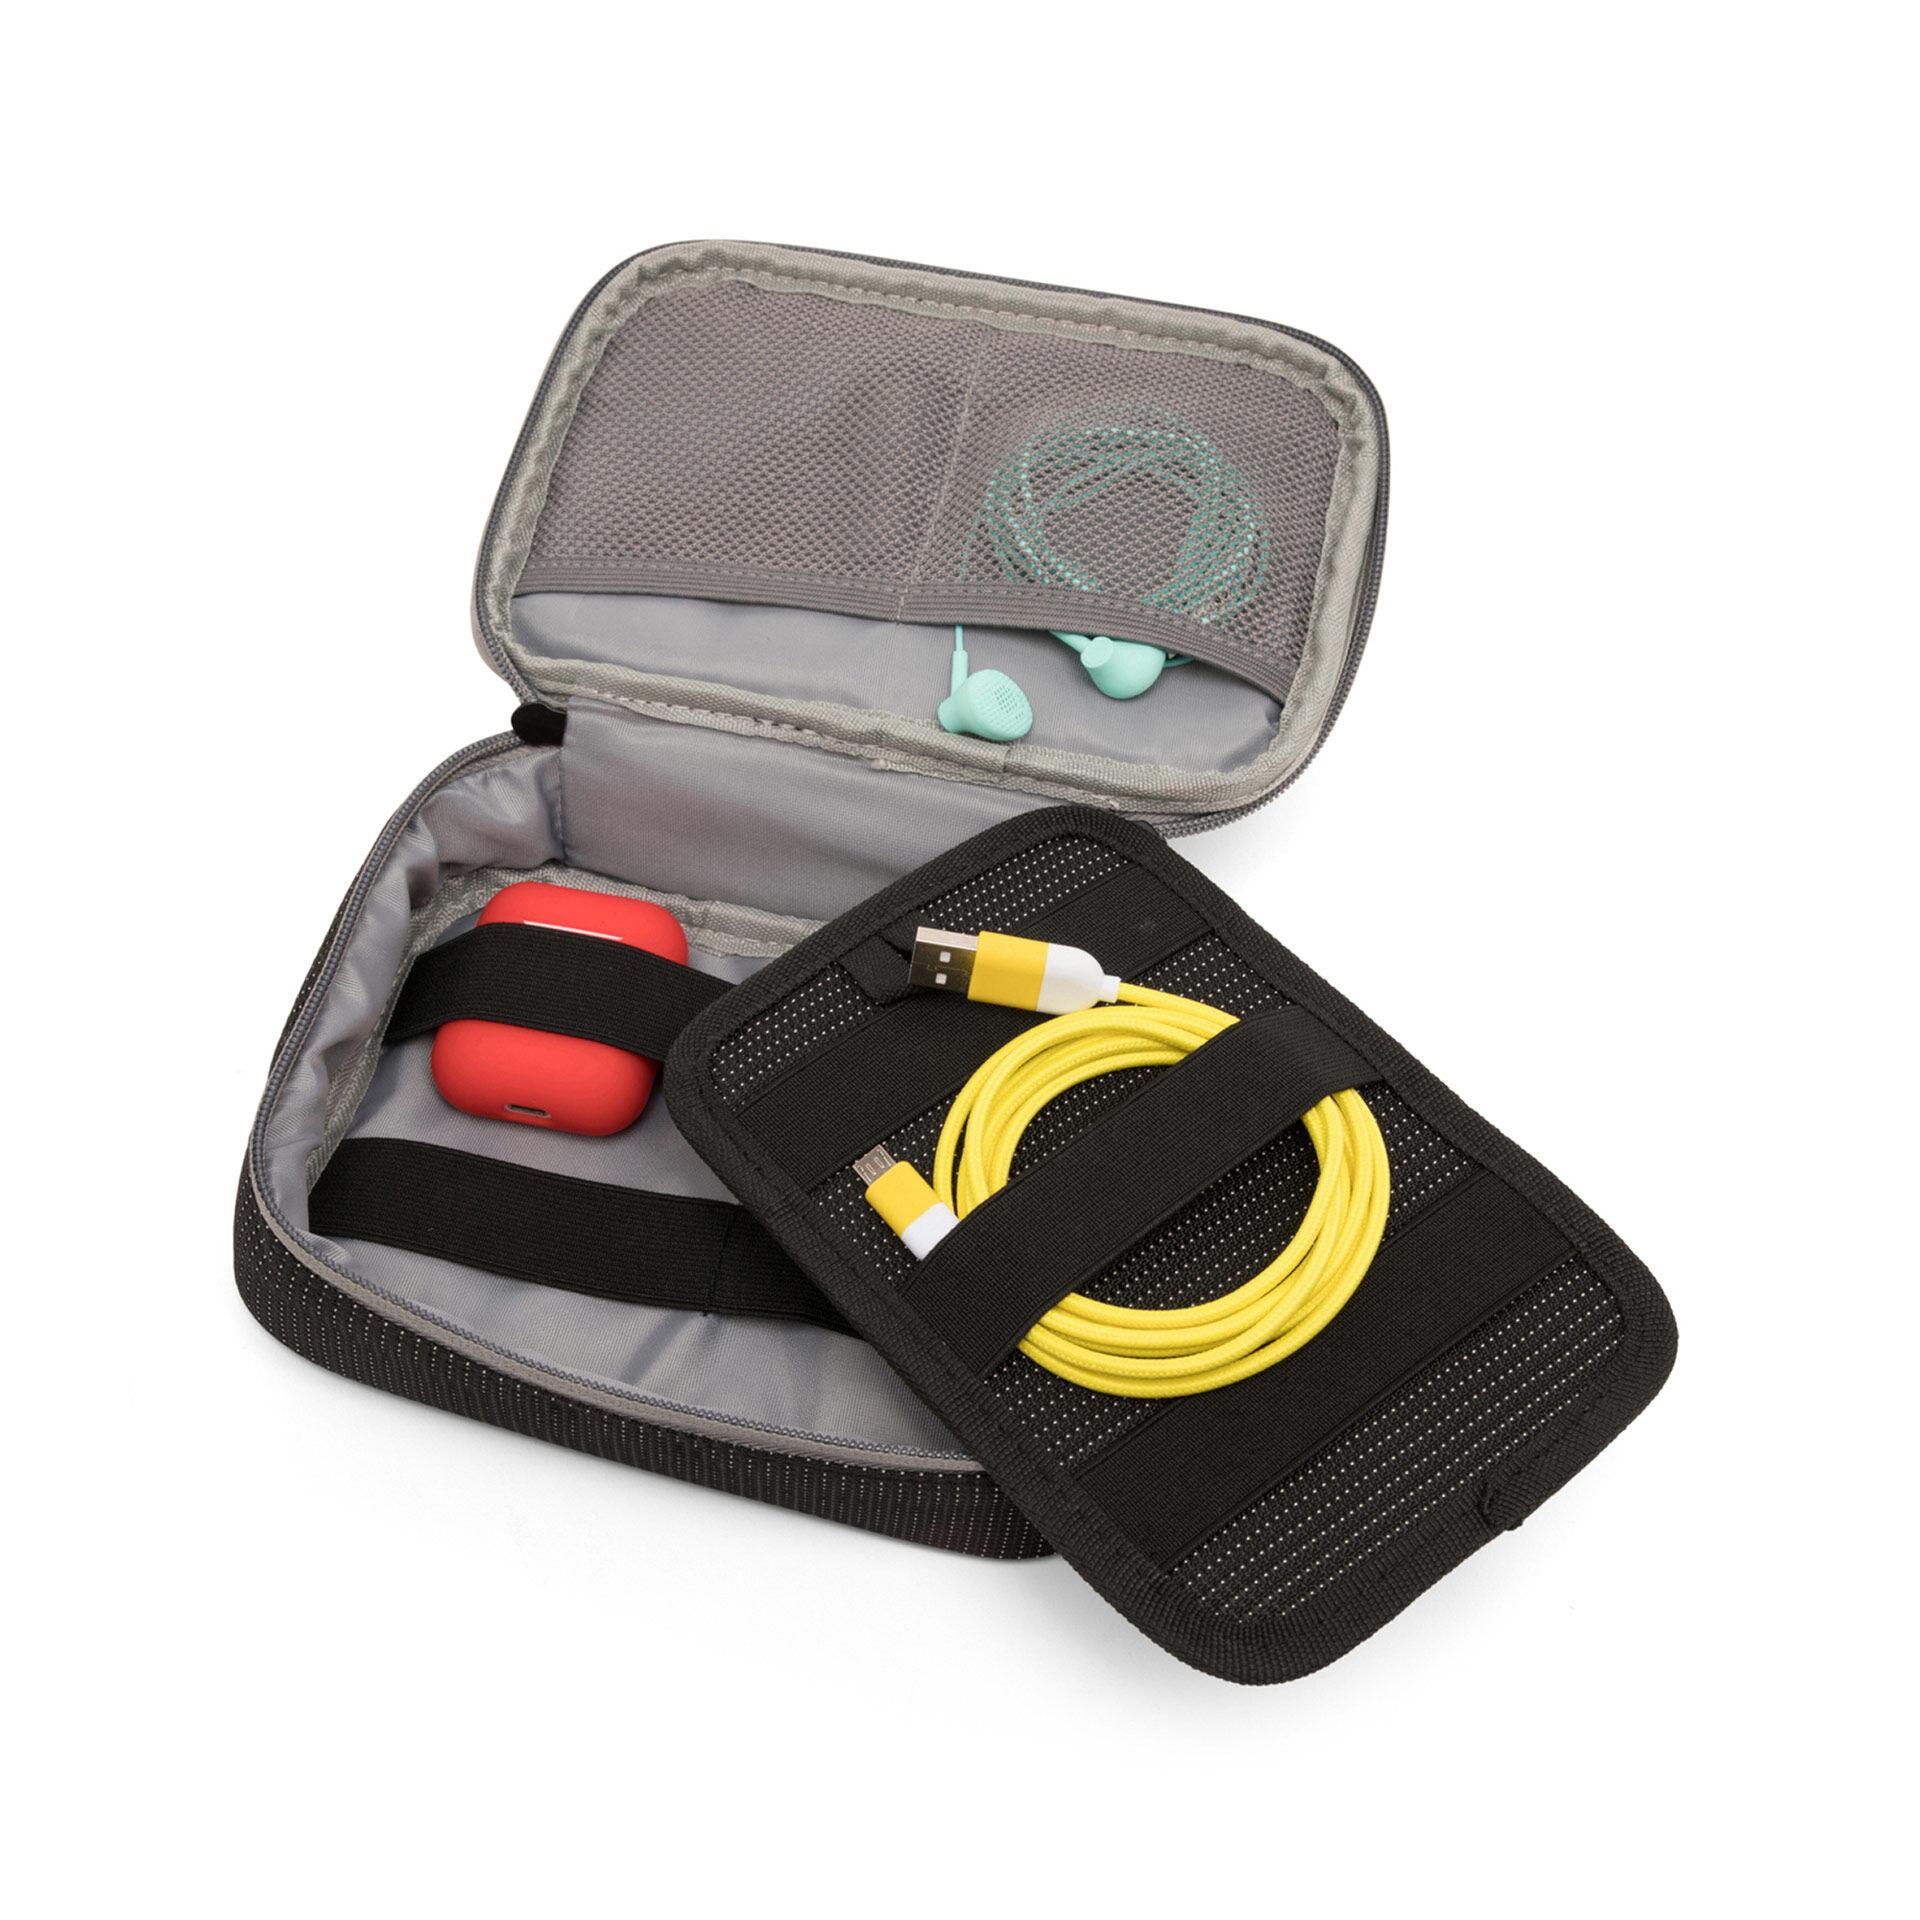 Petite valise pour accessoires hi-tech, , large